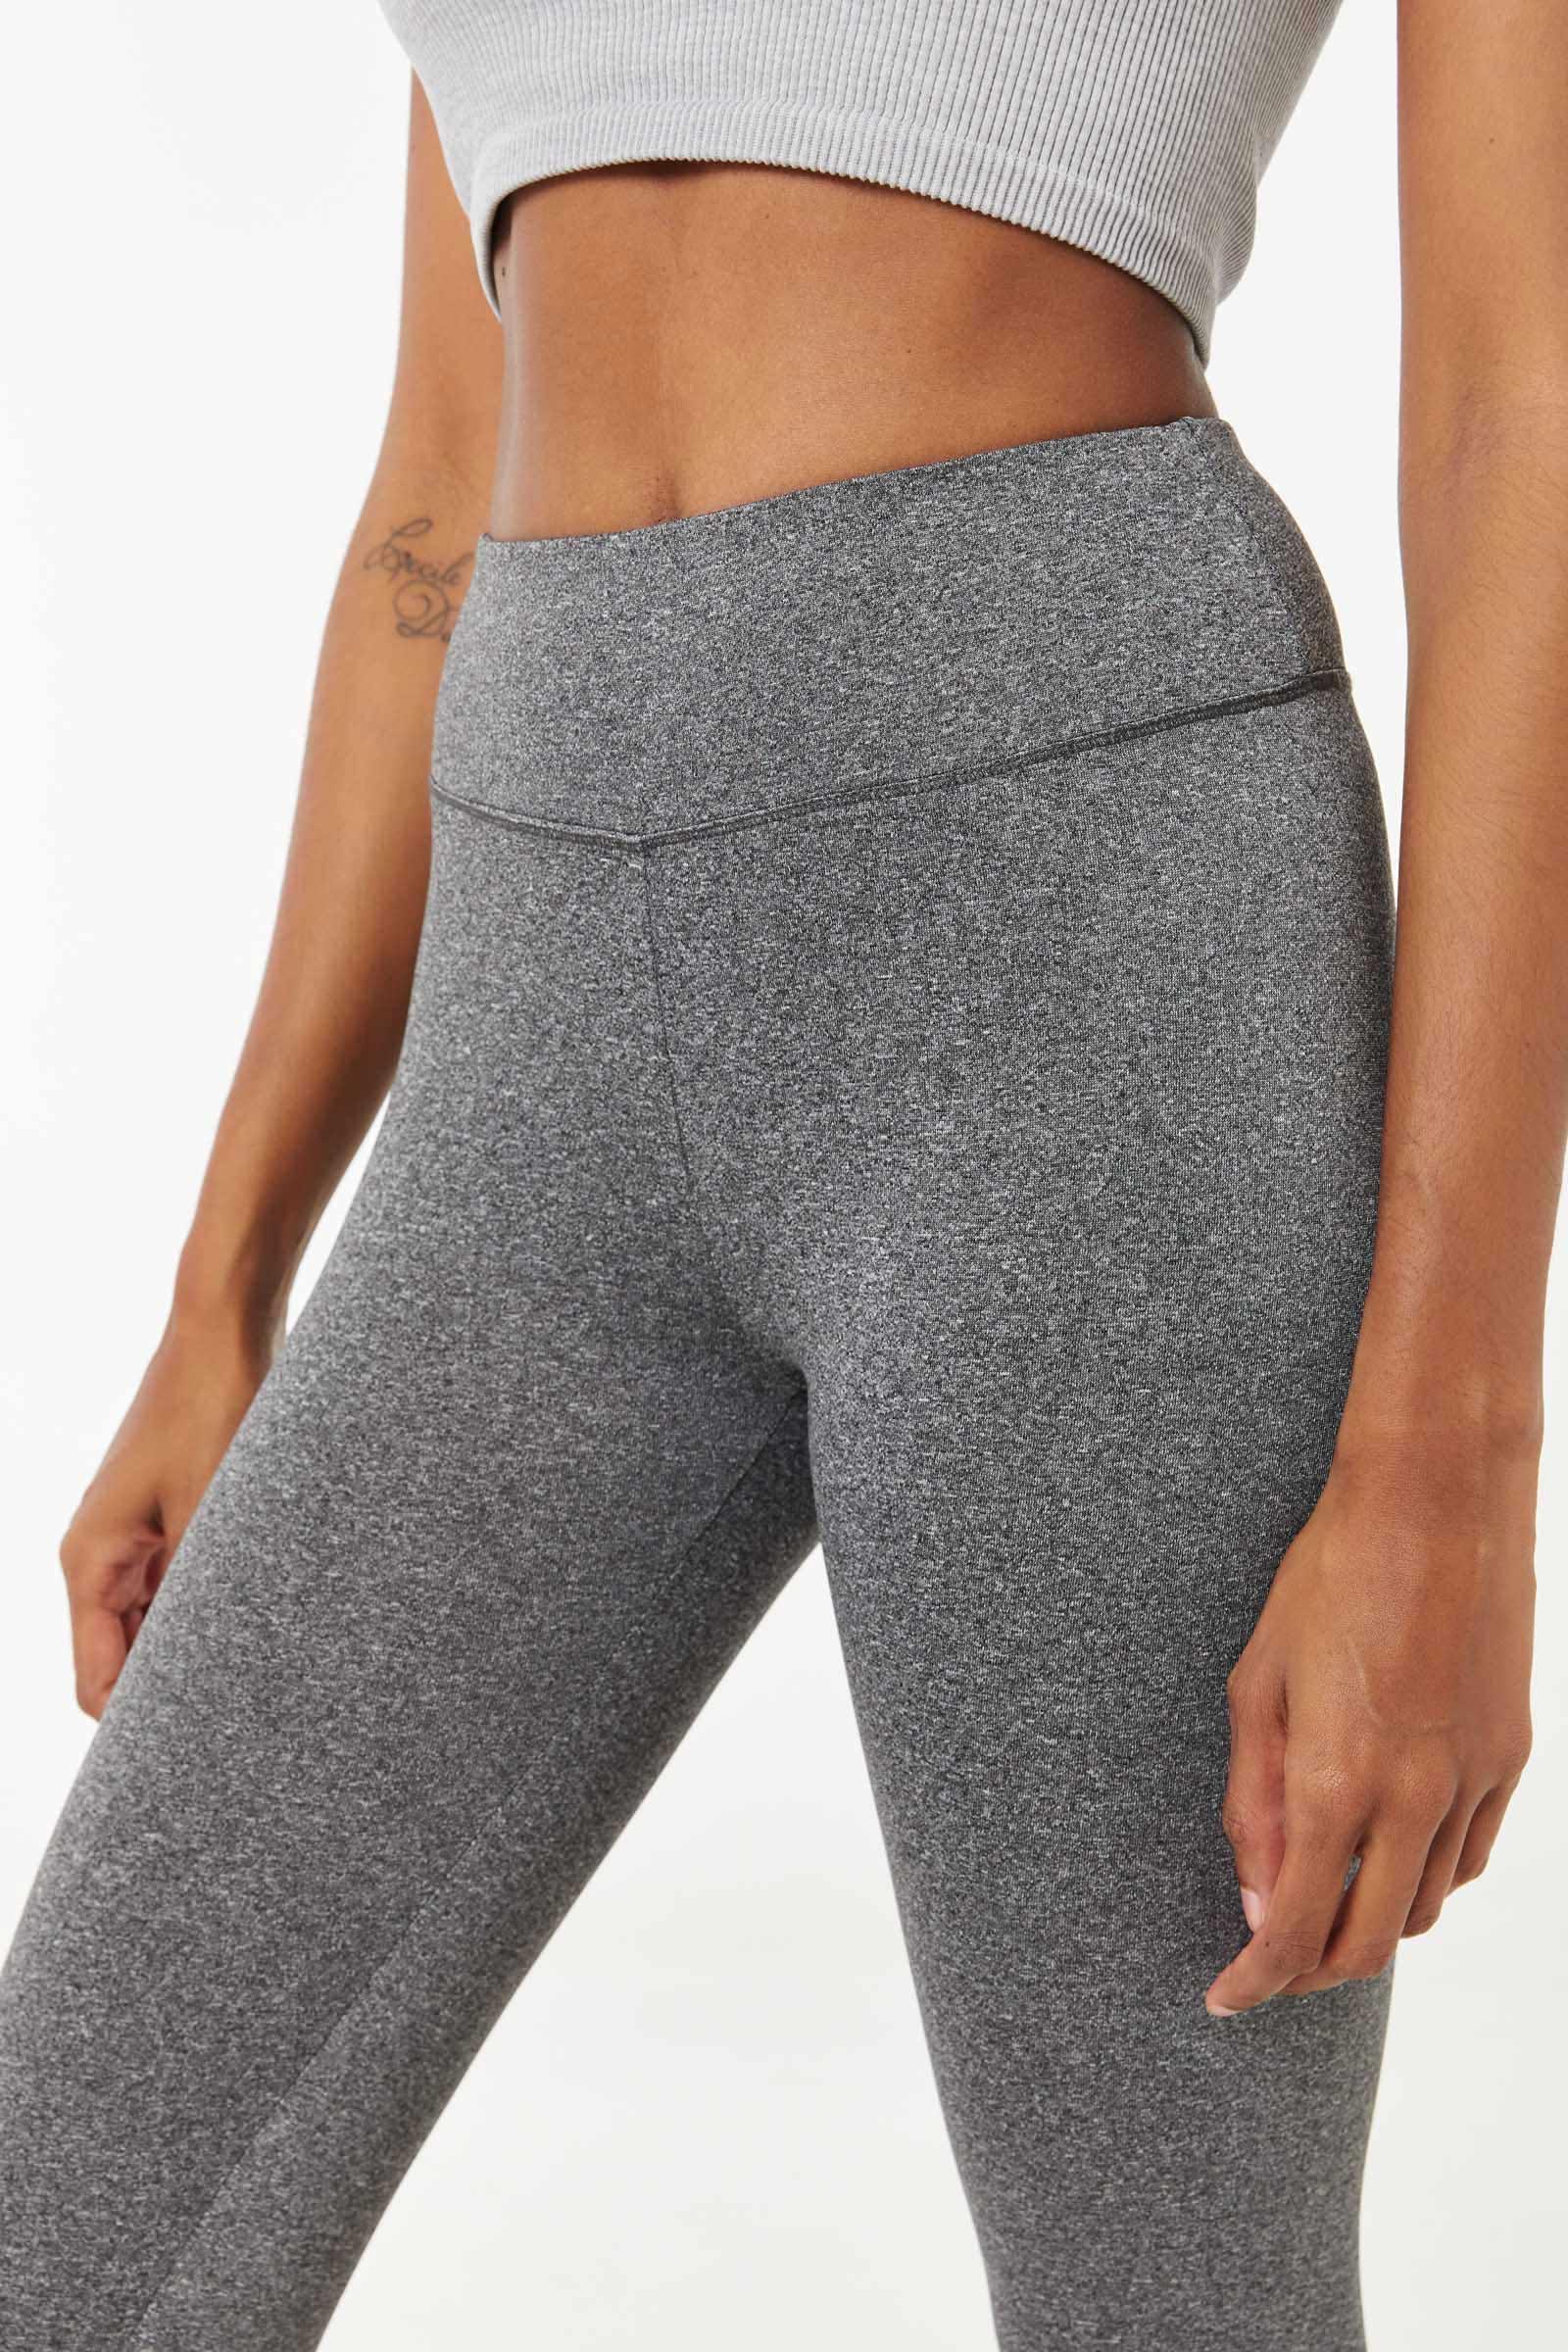 Leggings with Back Crisscrossed Detail